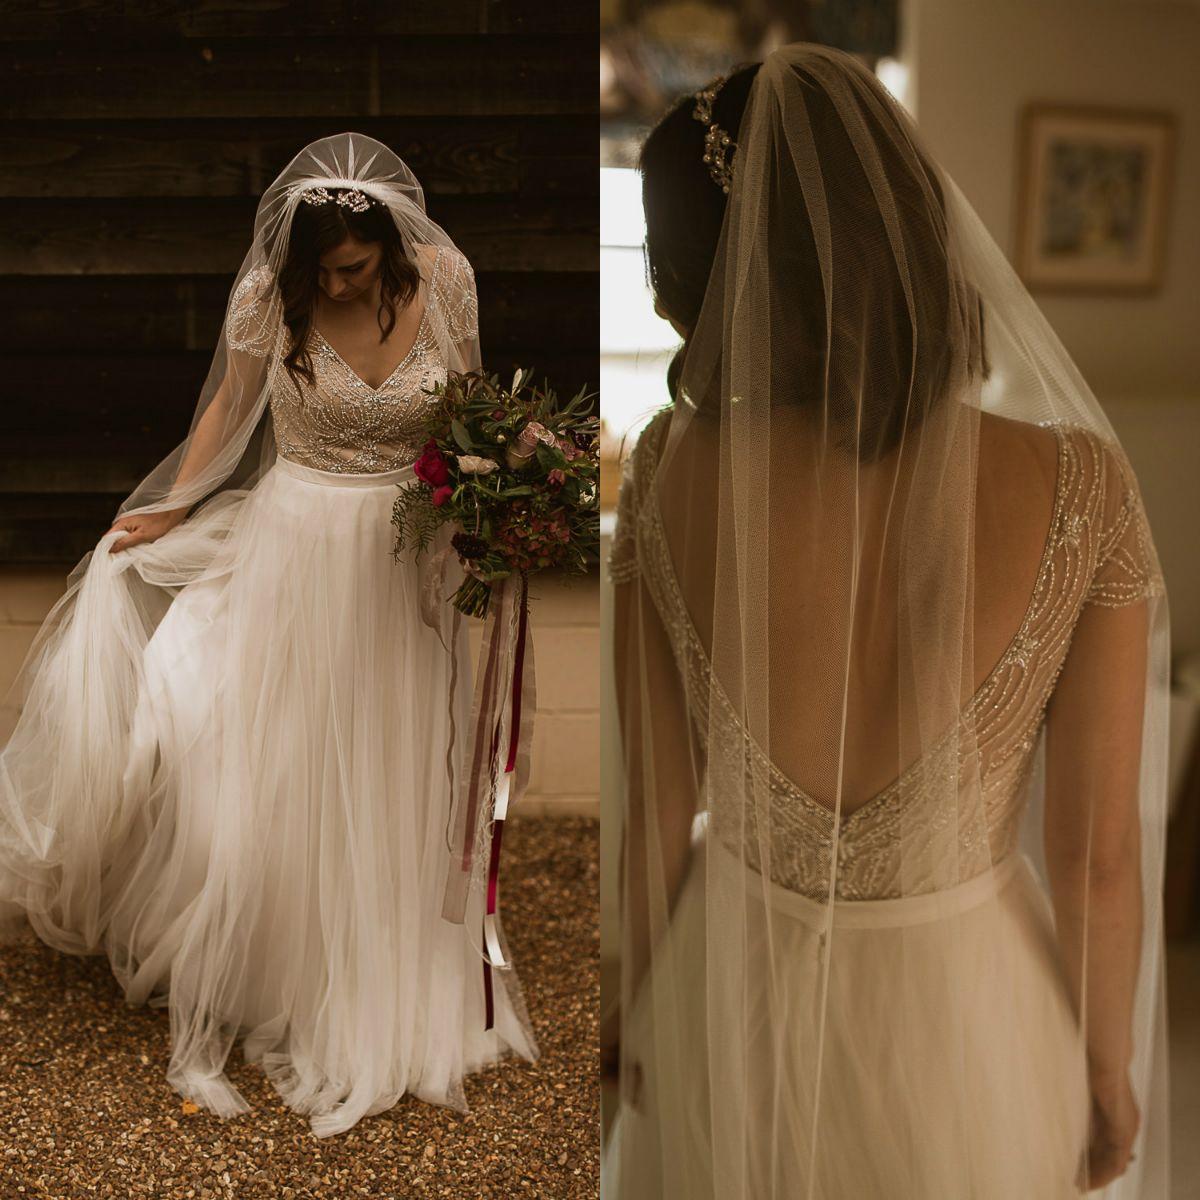 Топ Бисероплетение Свадебные платья Boho V-образным вырезом с коротким рукавом Свадебные платья Novia Bohemian Country без спинки Свадебные платья